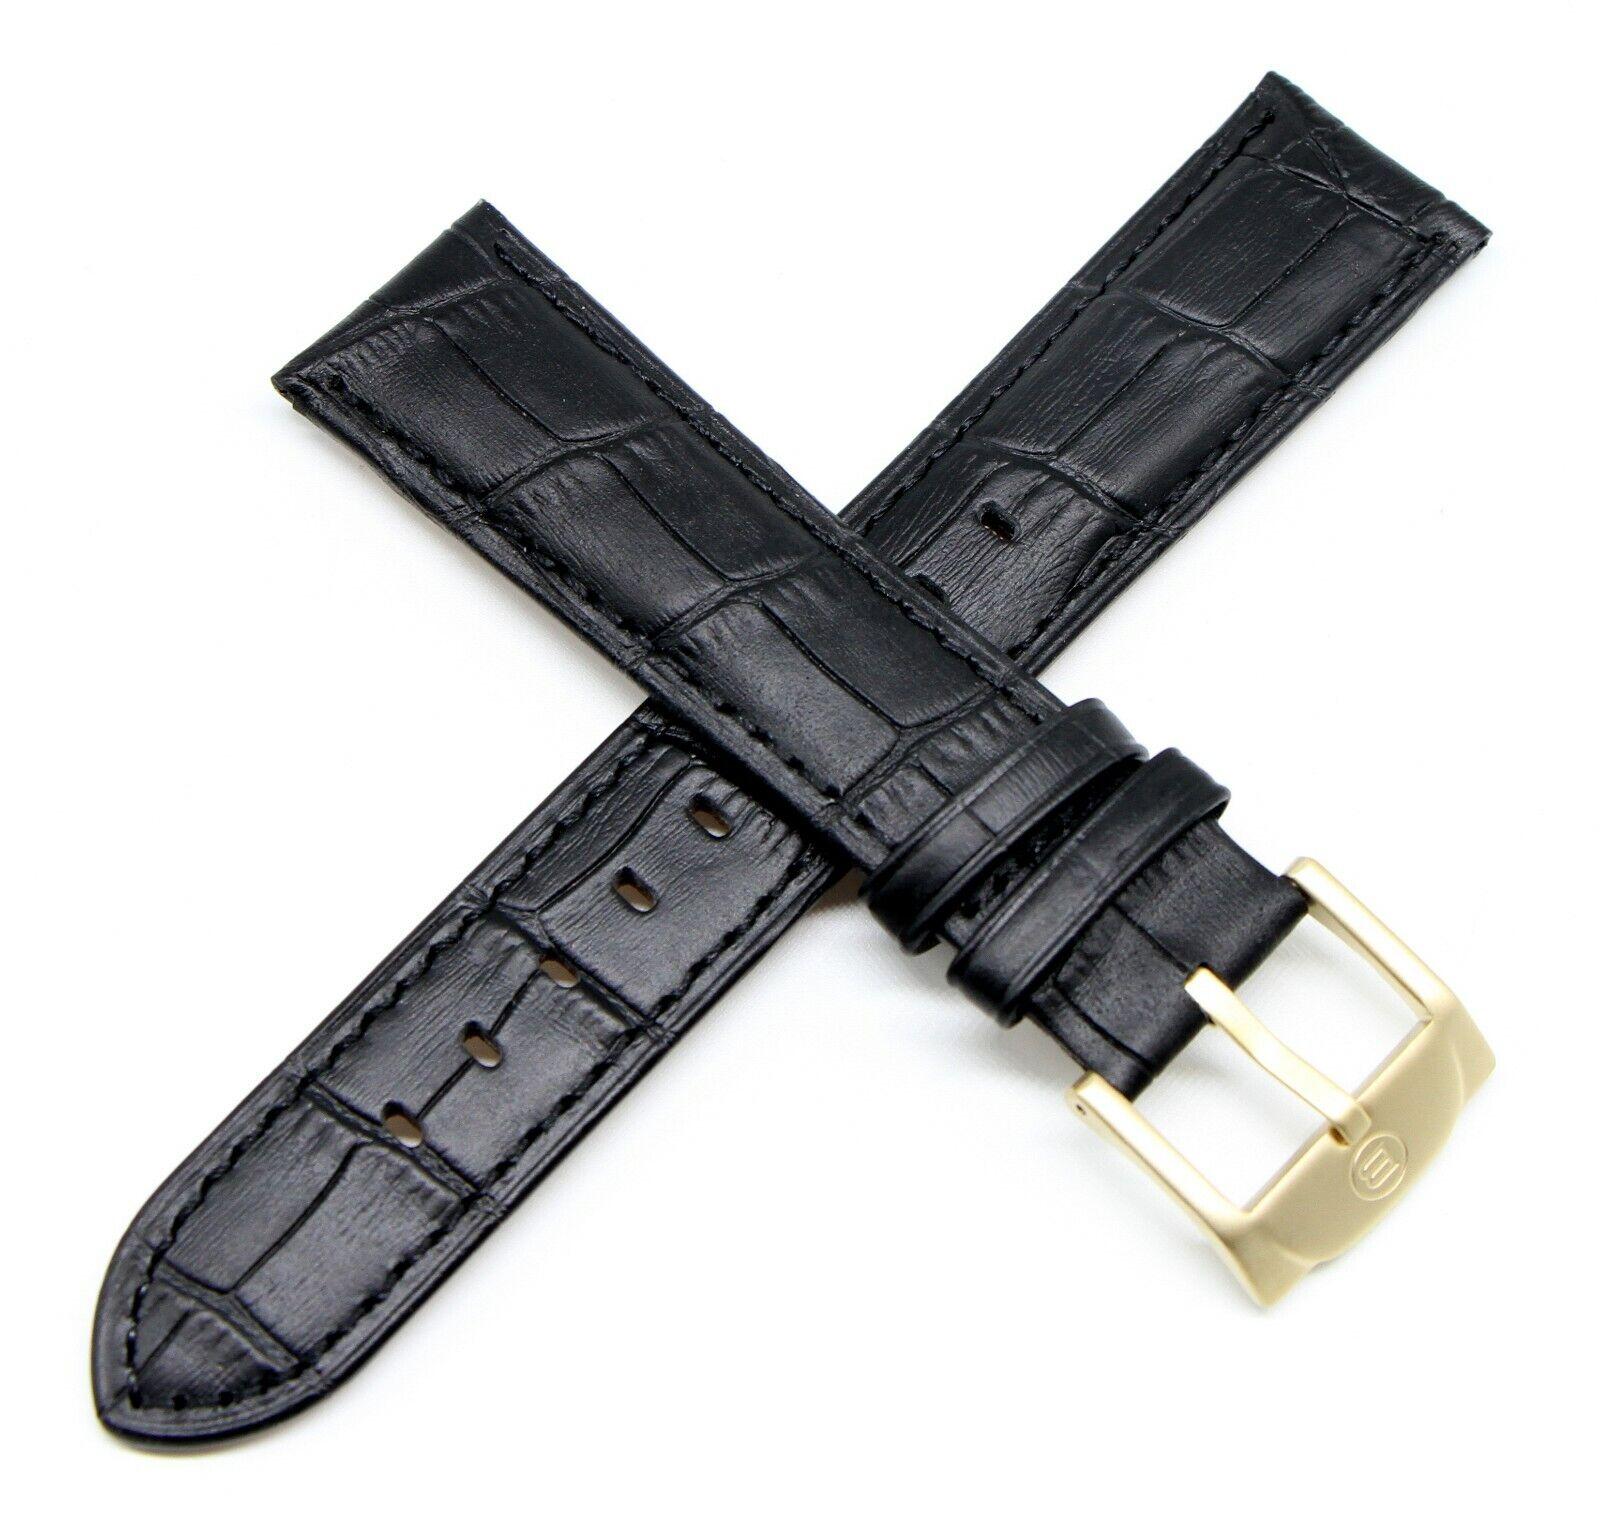 Ben & Sons Uhrenarmband 22MM Alligatorprägung Echtleder Schwarz für Modell Marshall